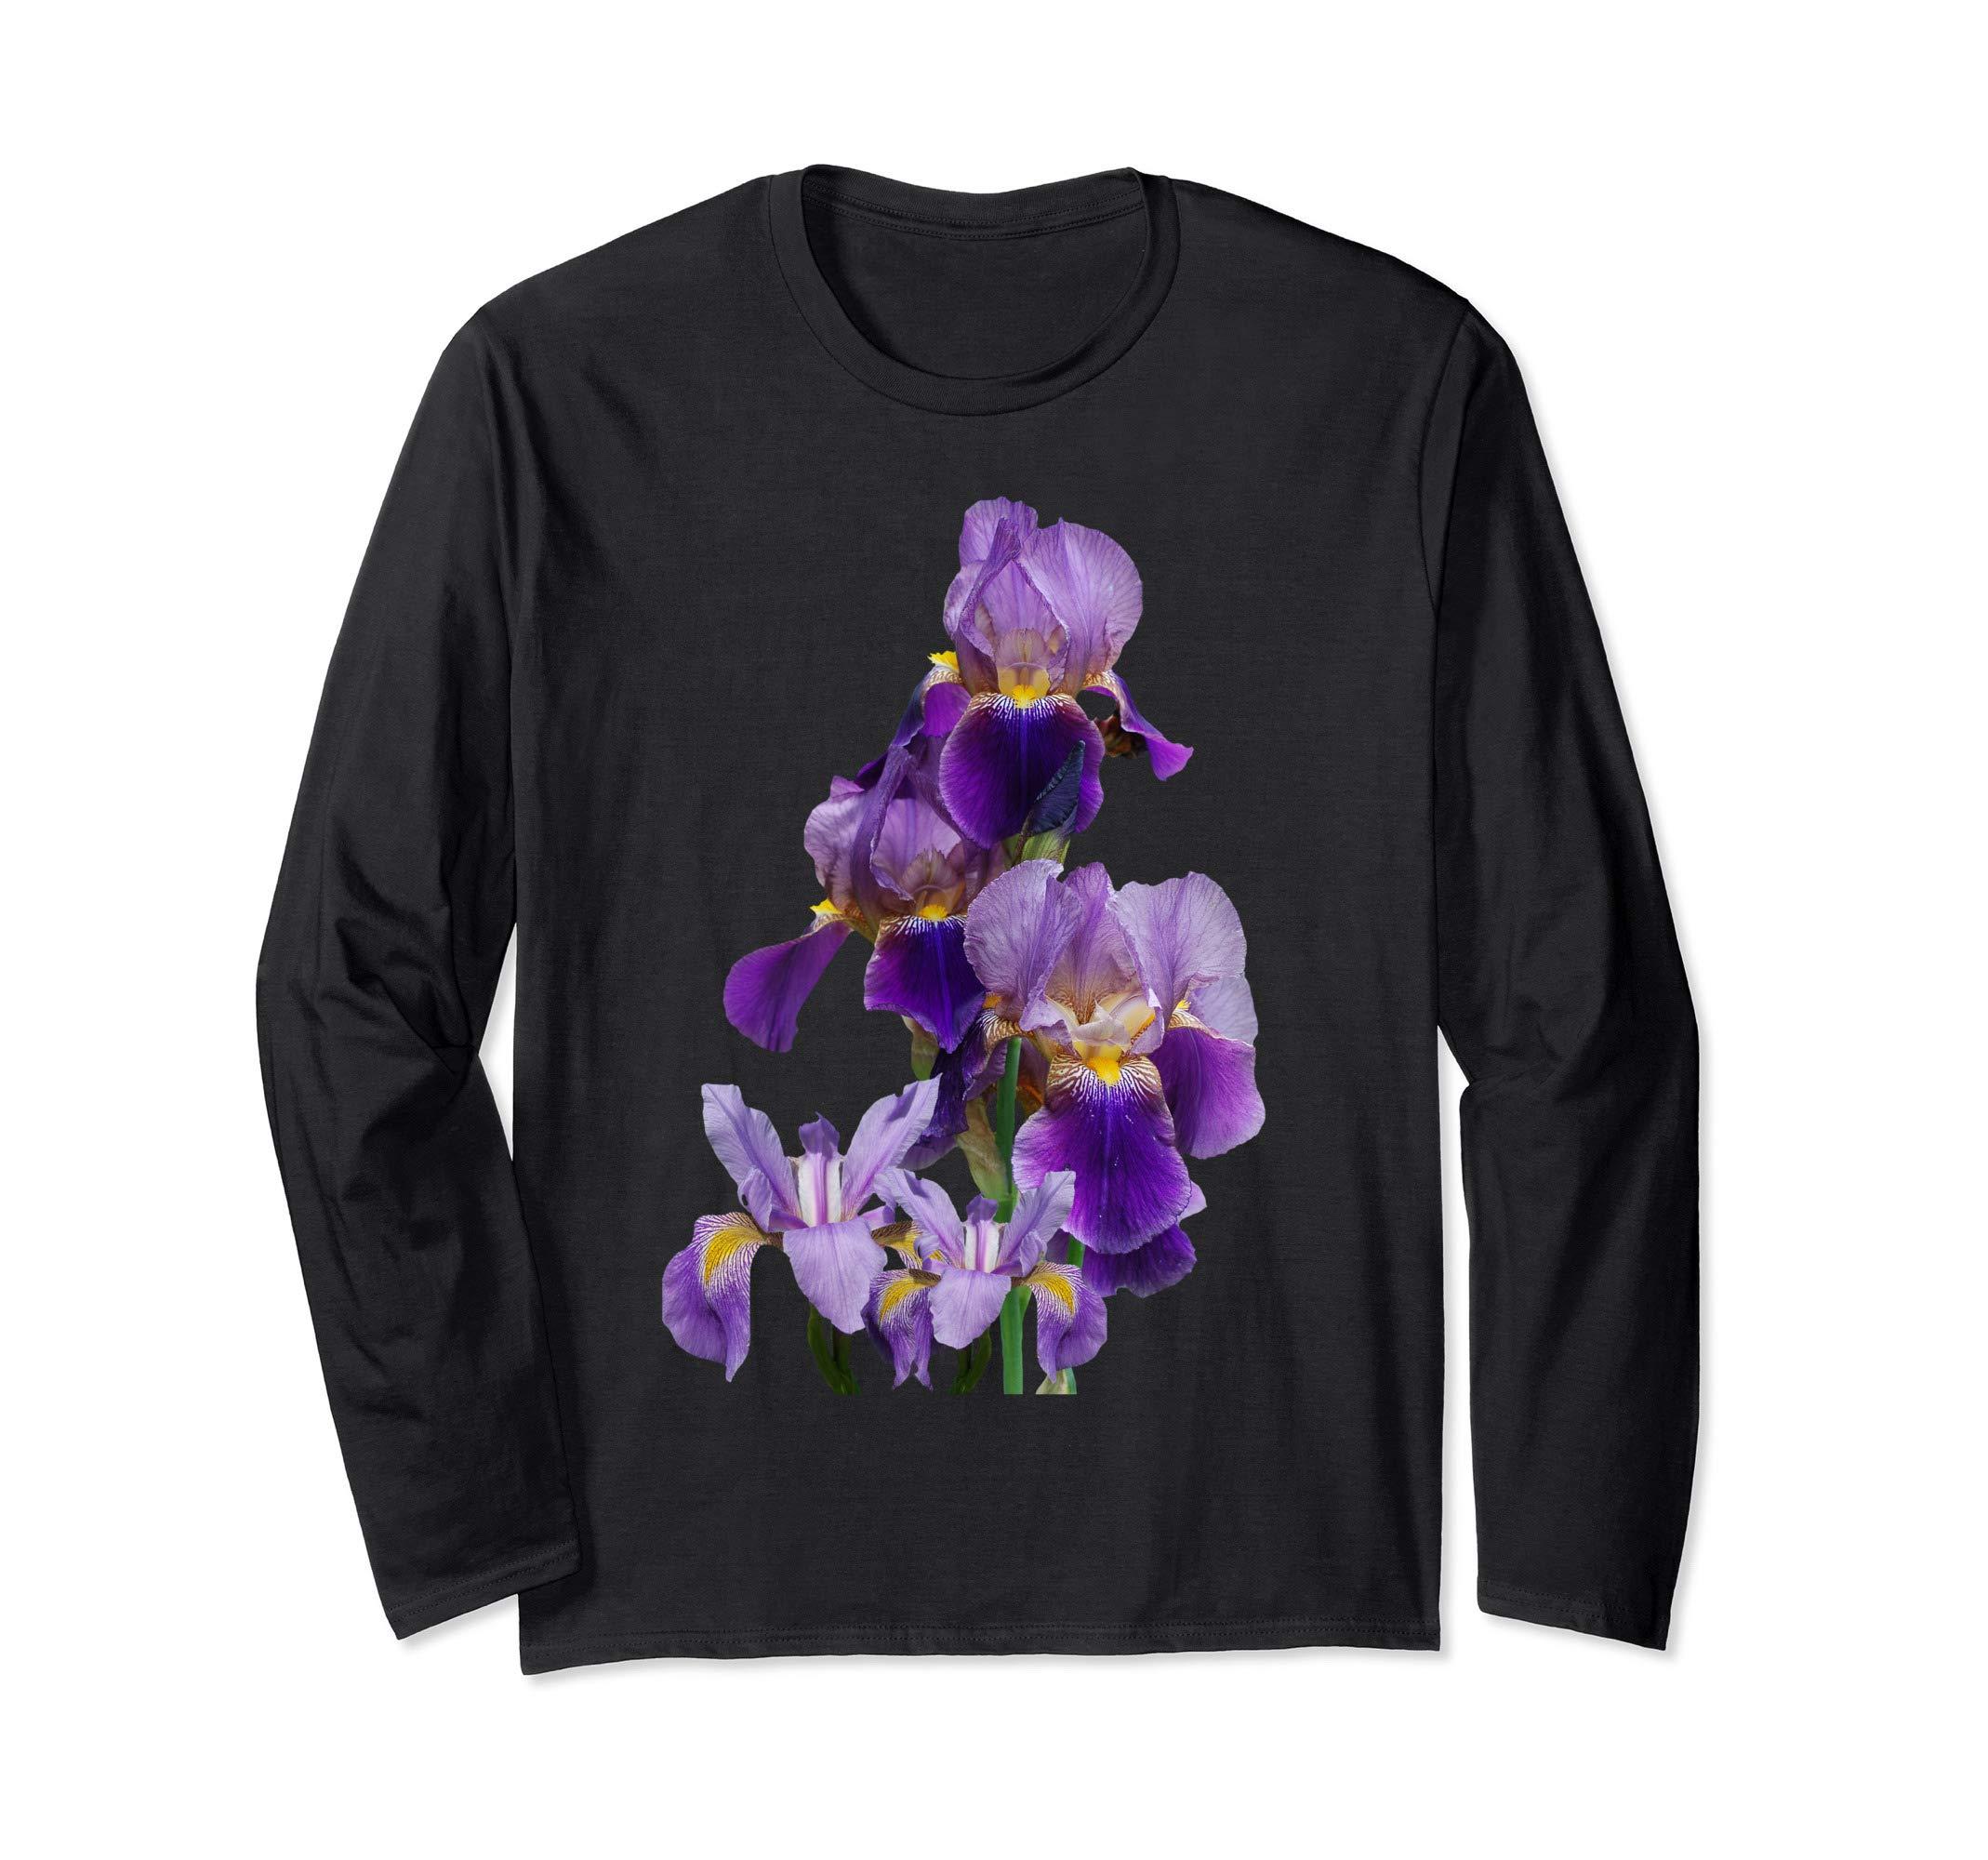 Irises Flower Plant Gardening Gardener Lover Gift Tennessee by Iris Flower Plant Gardening Gardener Tennessee